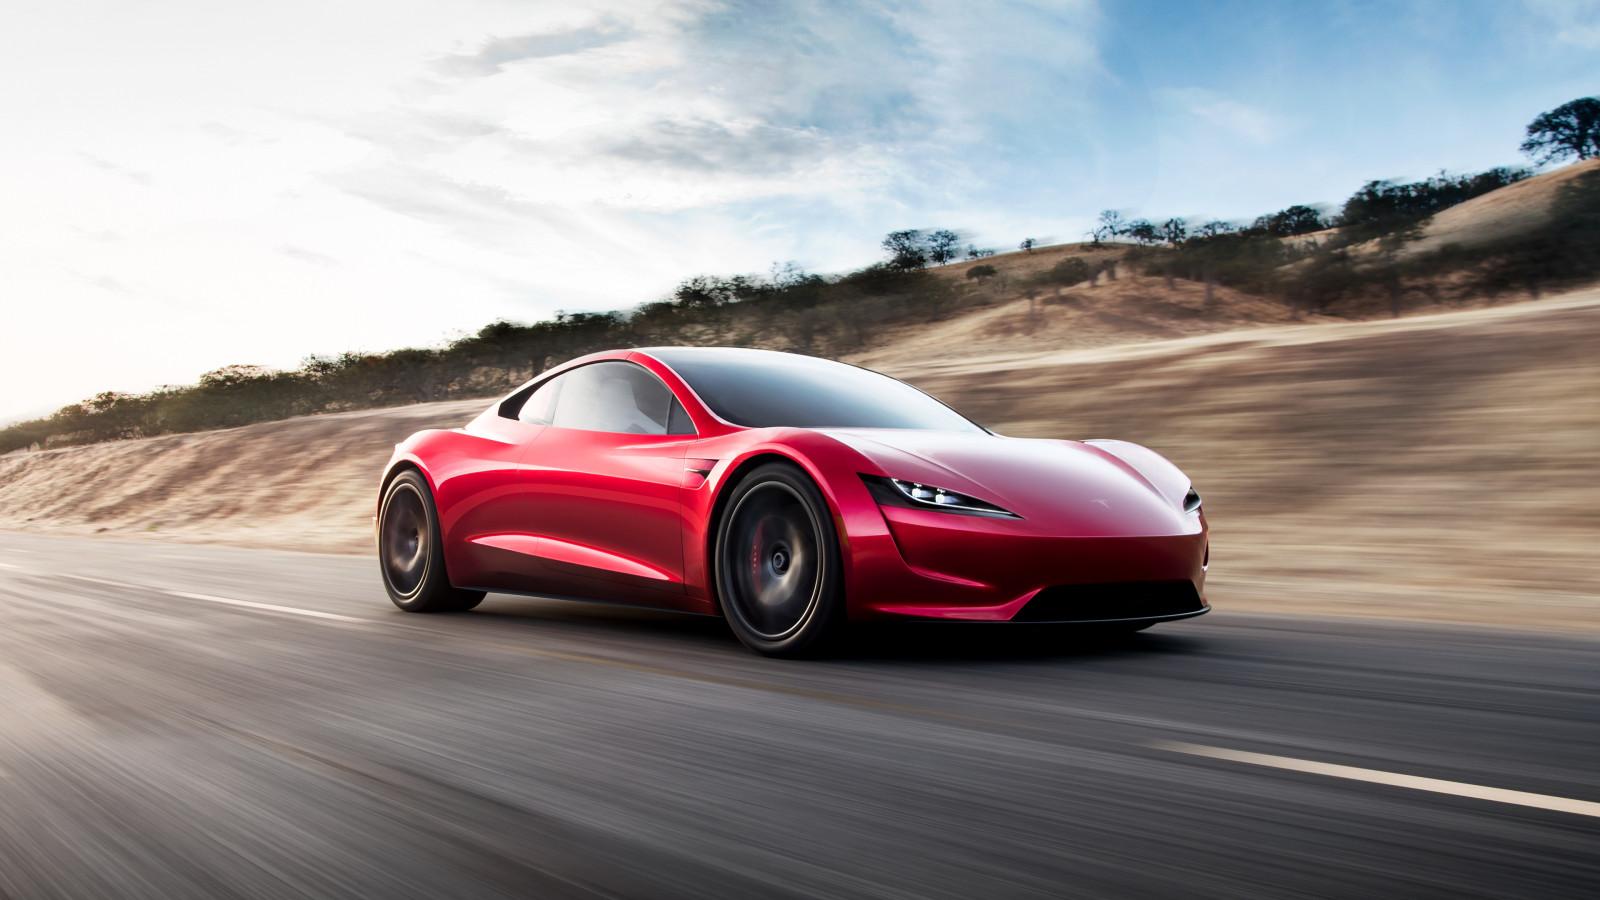 fond d 39 cran tesla motors tesla roadster supercars voiture de sport voiture lectrique. Black Bedroom Furniture Sets. Home Design Ideas